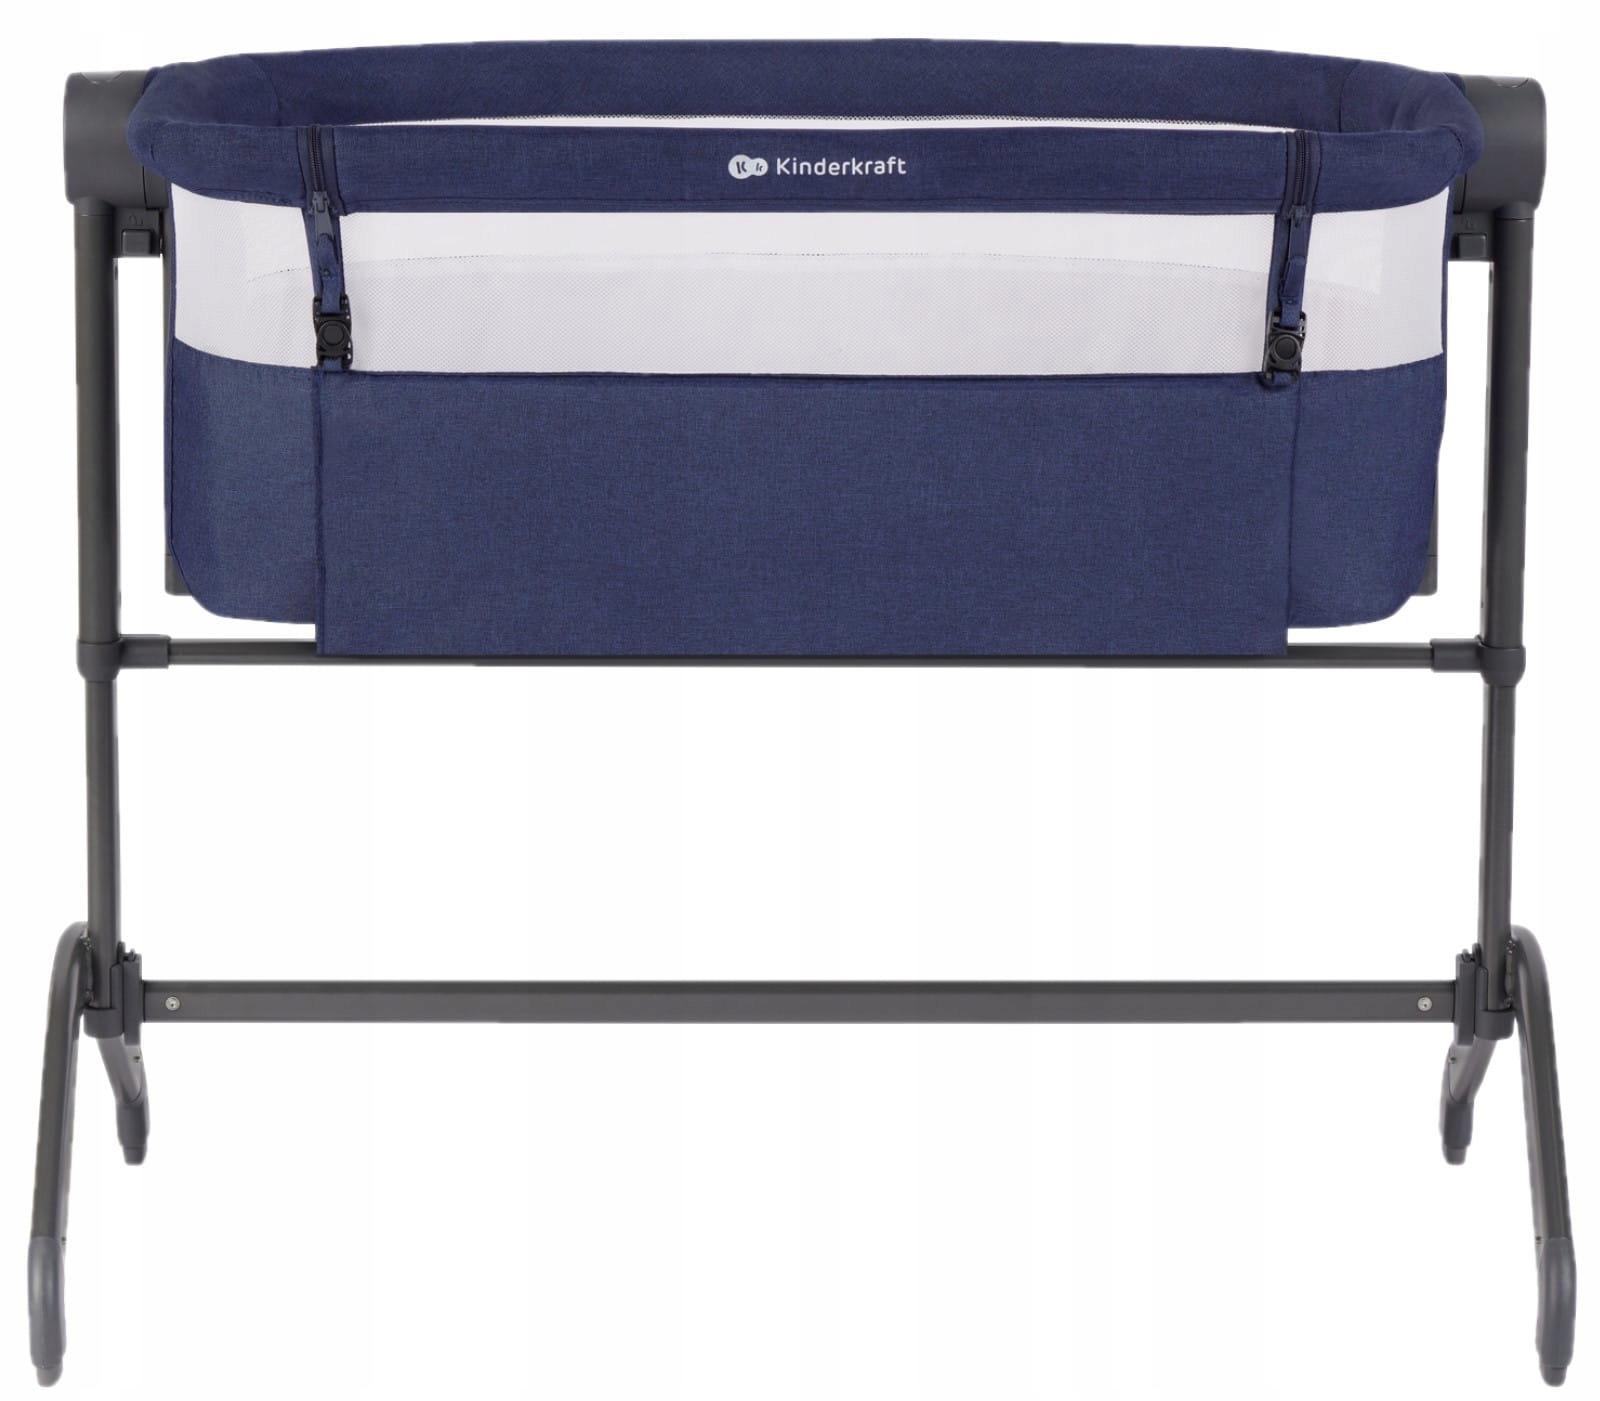 Детская кроватка Kinderkraft Доступен BEA Navy